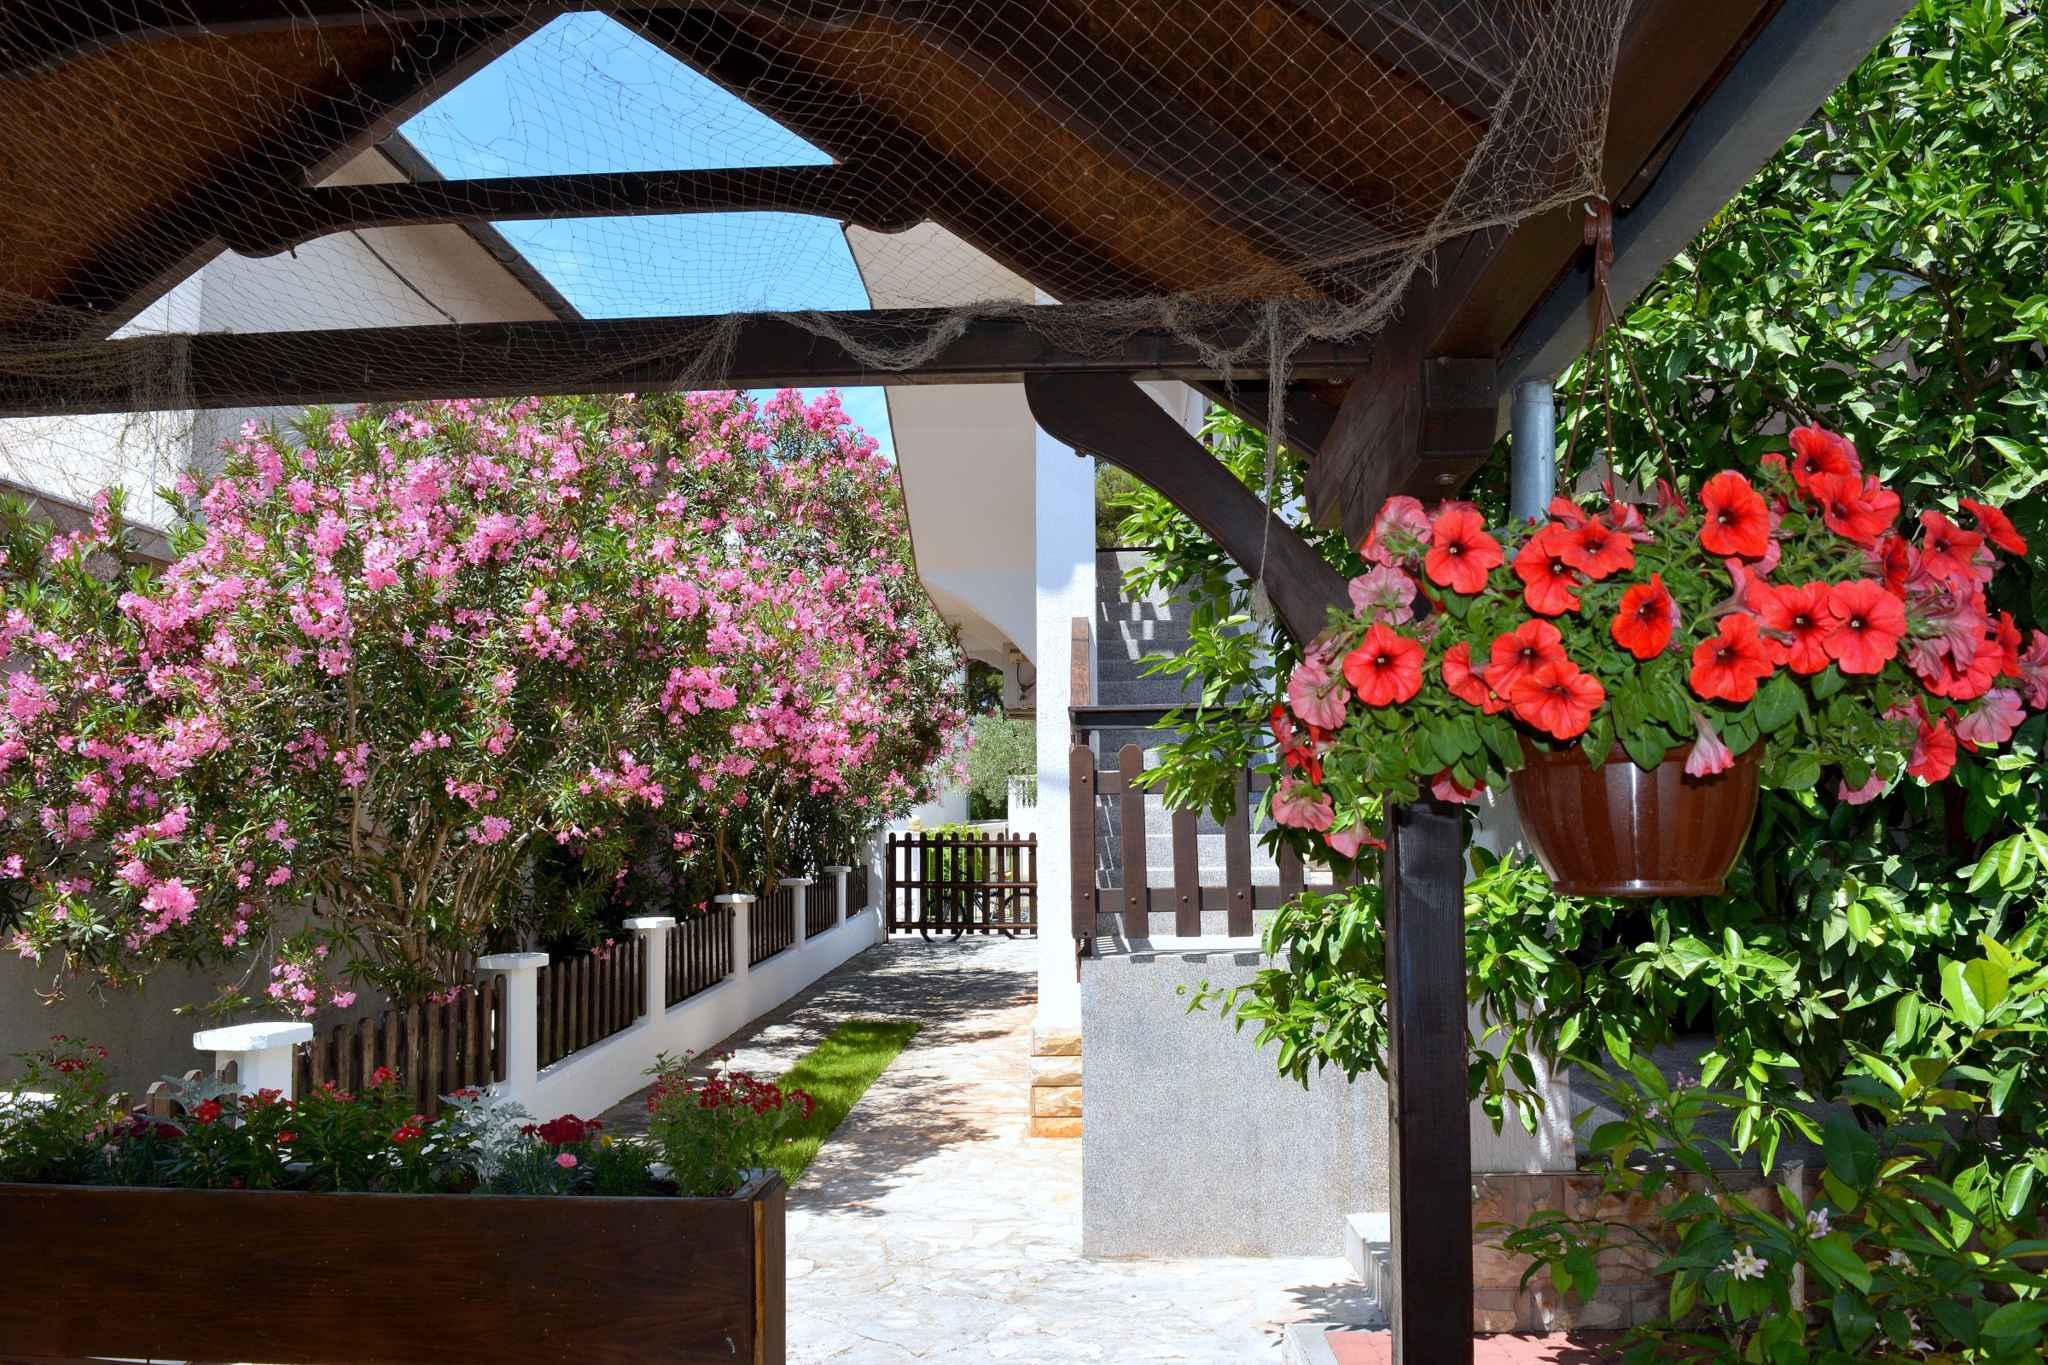 Ferienwohnung mit Balkon und nur 200 m bis zum Strand (278777), Vodice, , Dalmatien, Kroatien, Bild 5